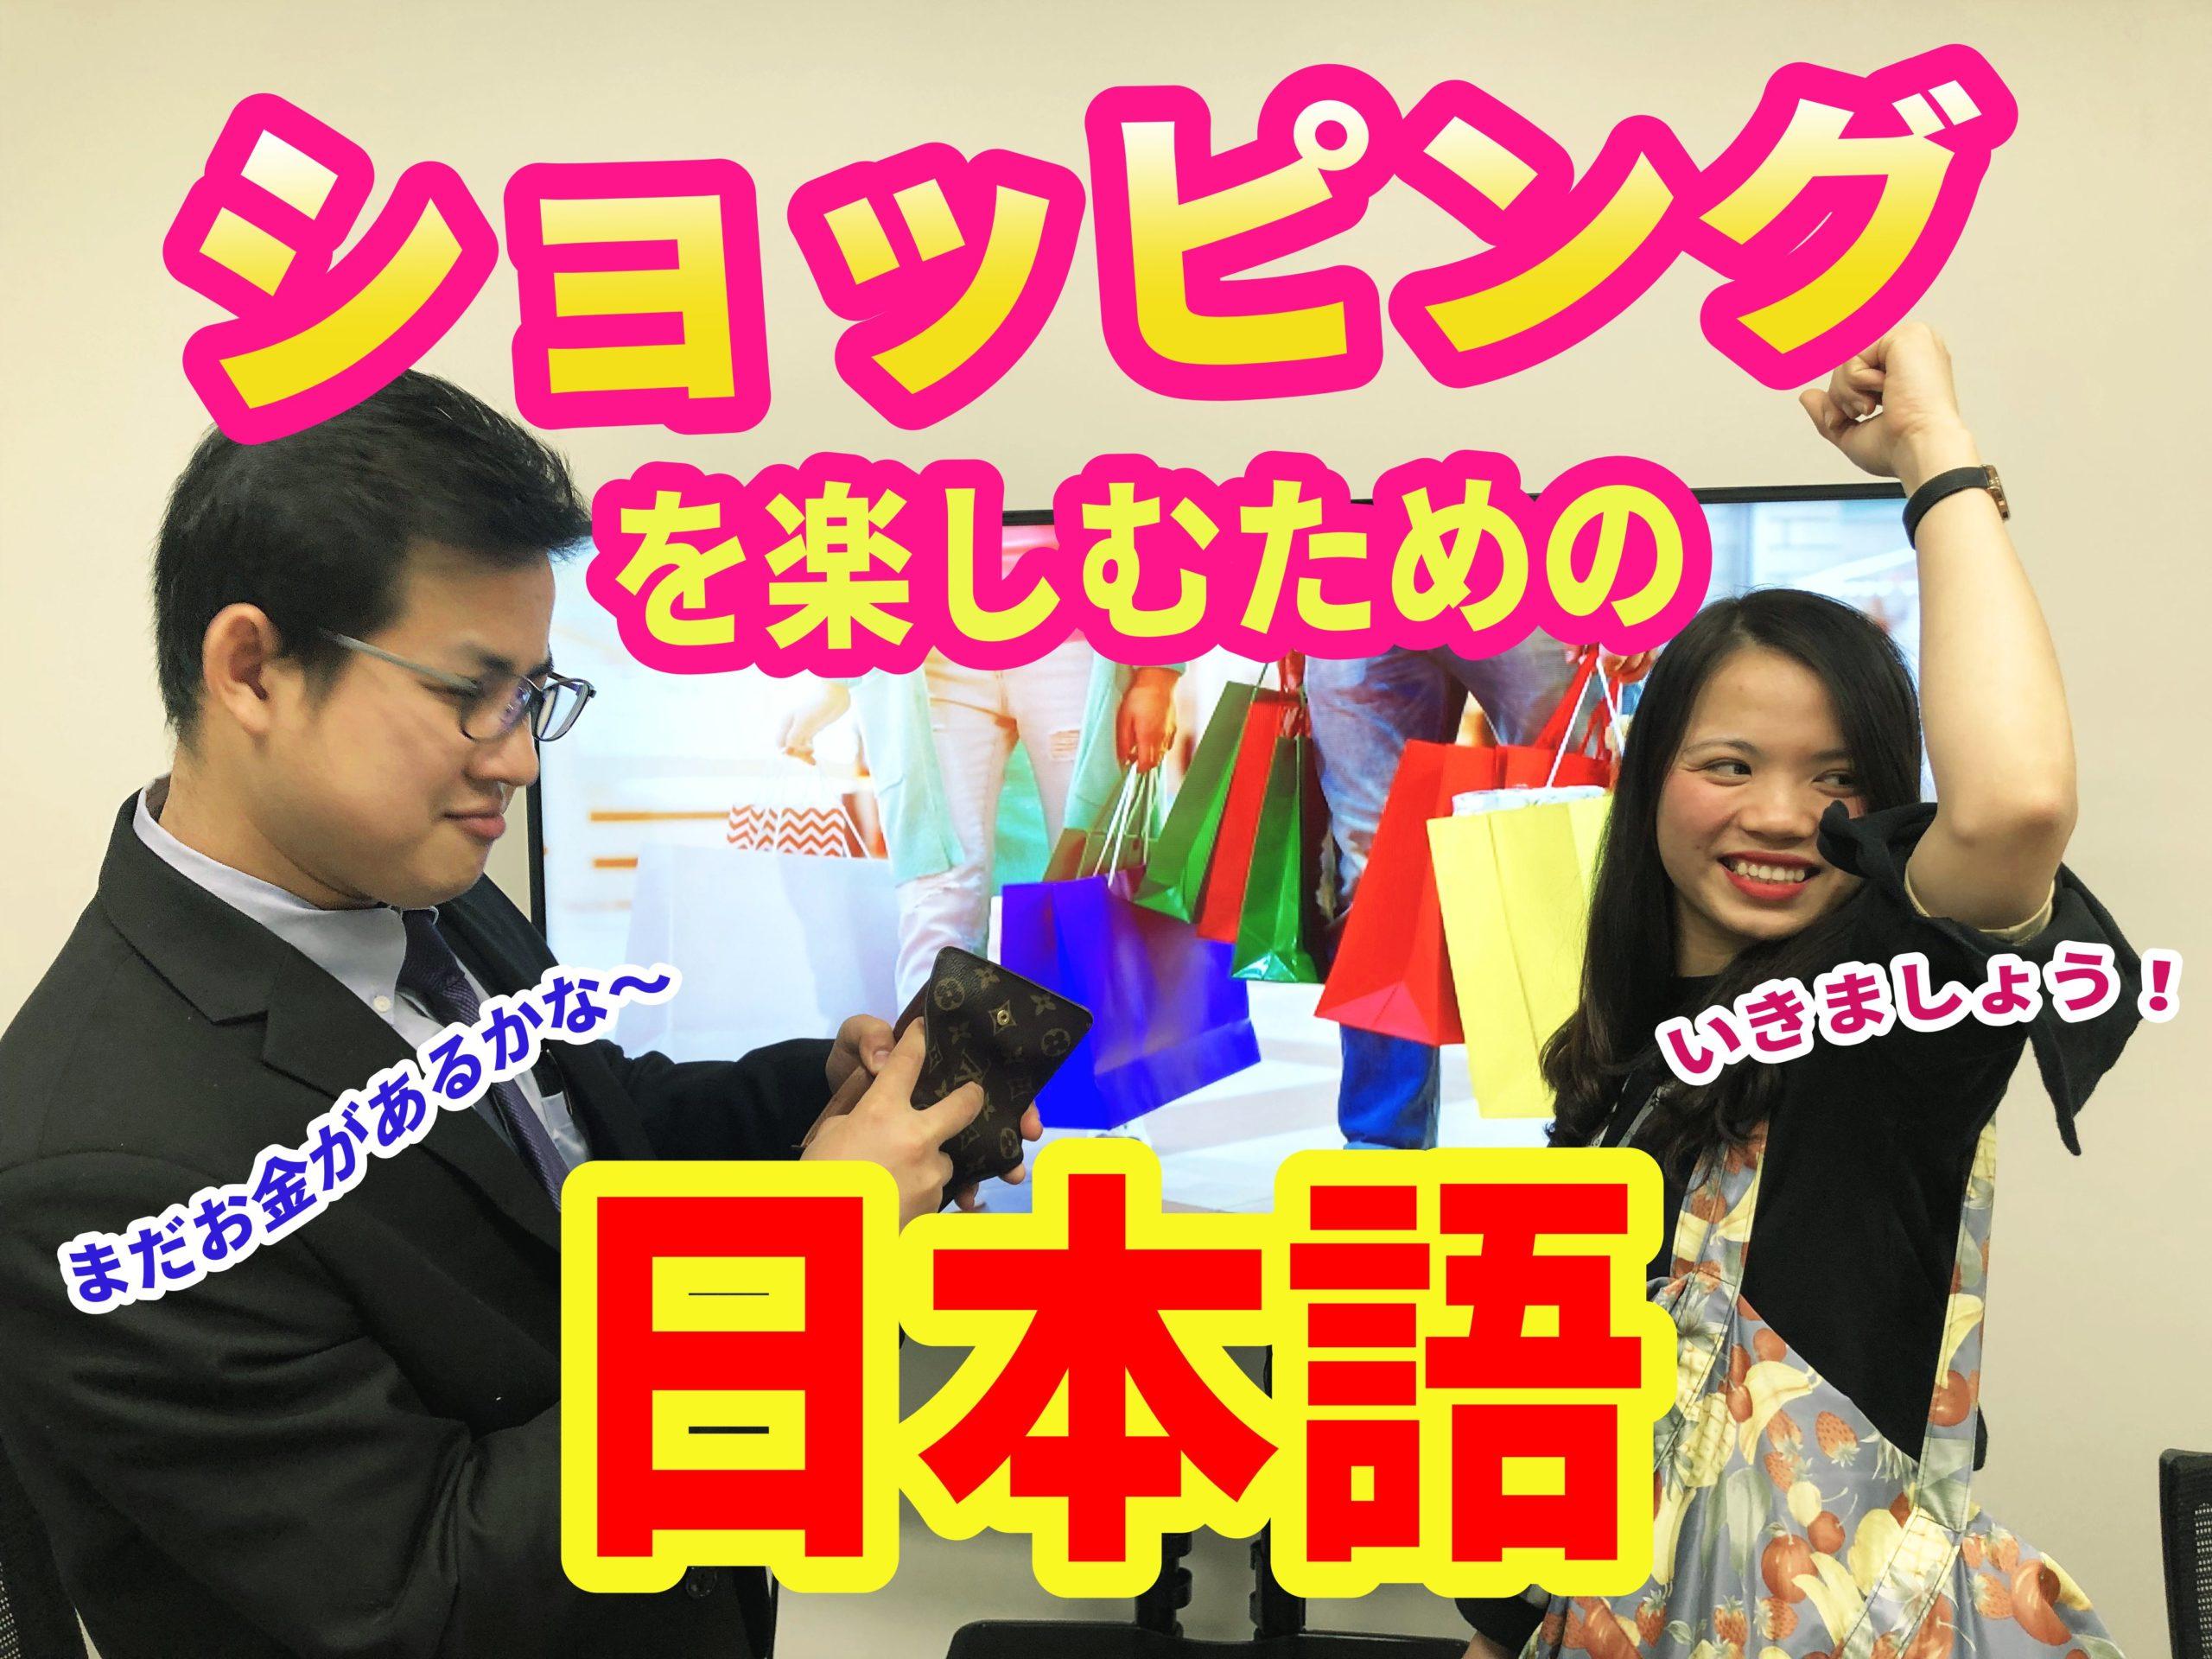 これだけは覚えておきたい:ショッピングを楽しめる日本語